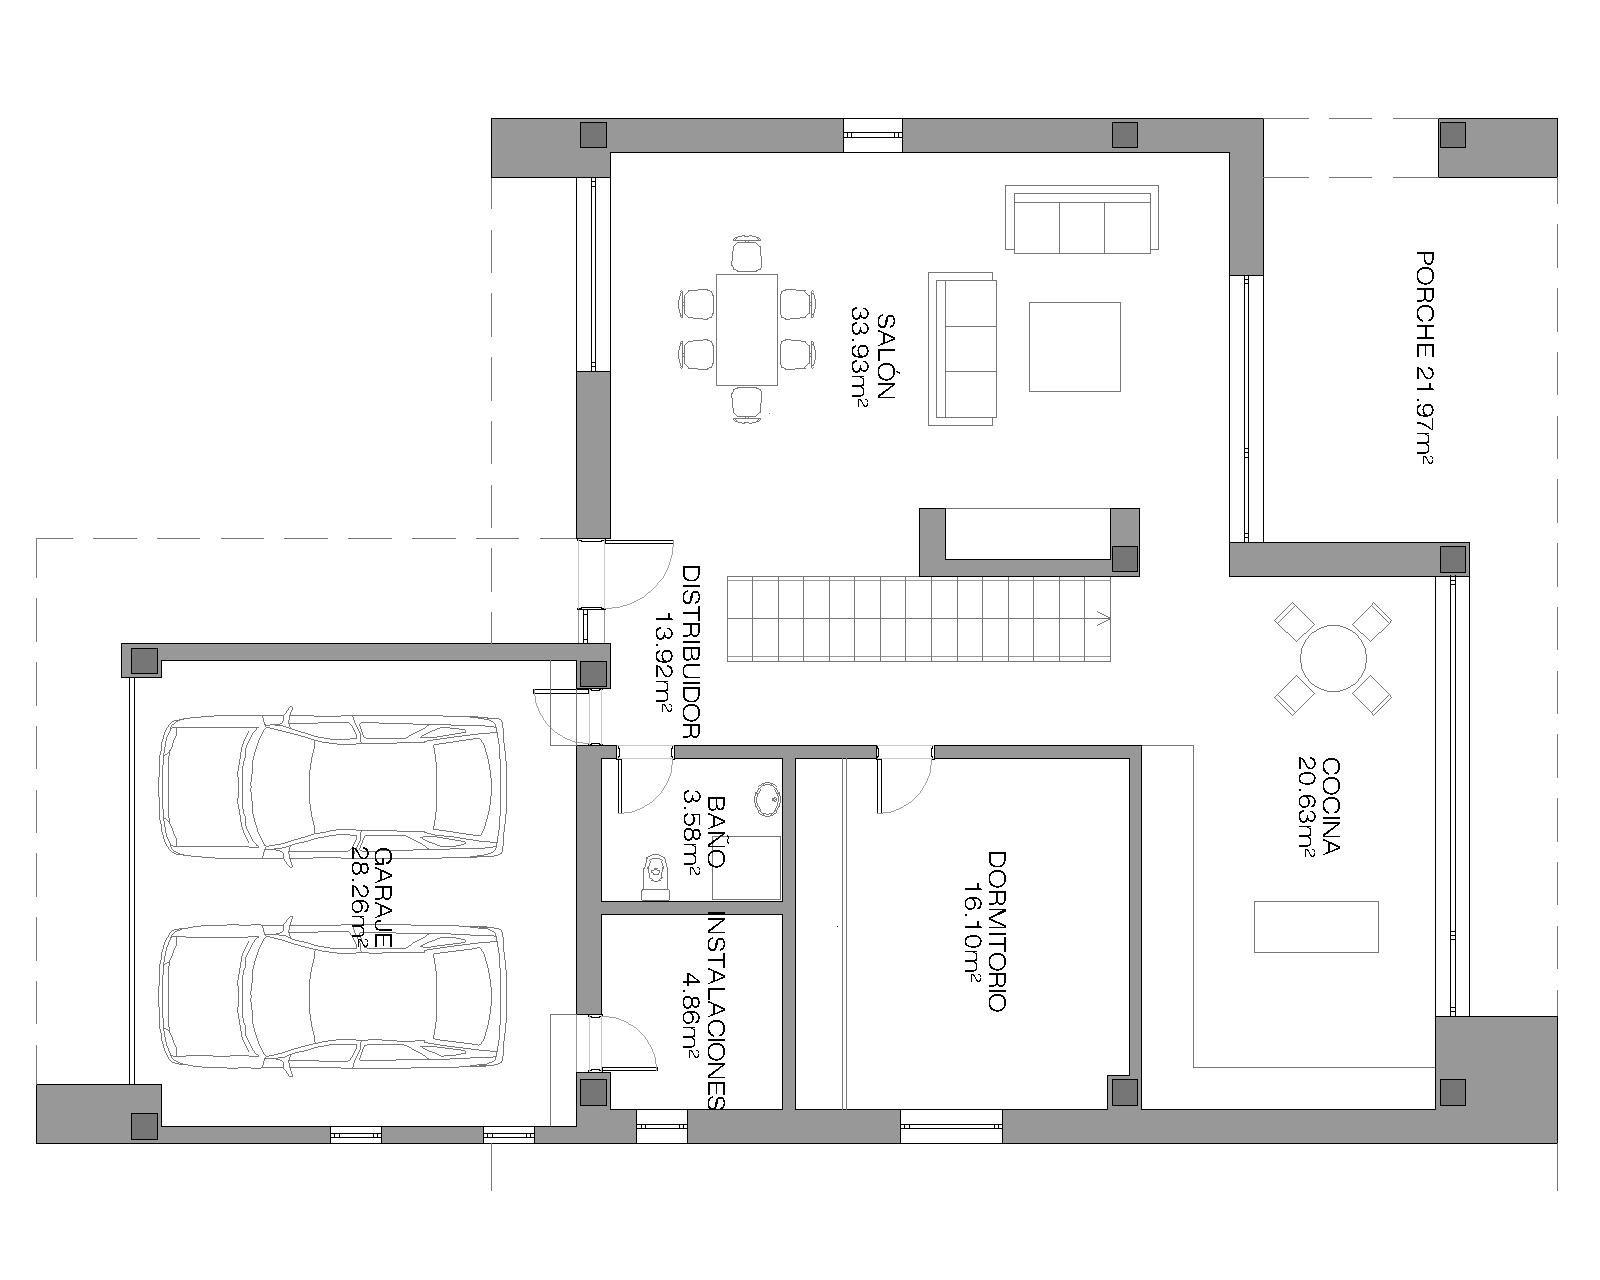 Ficha y planos de casa lux estilo contempor neo - Planos de viviendas ...